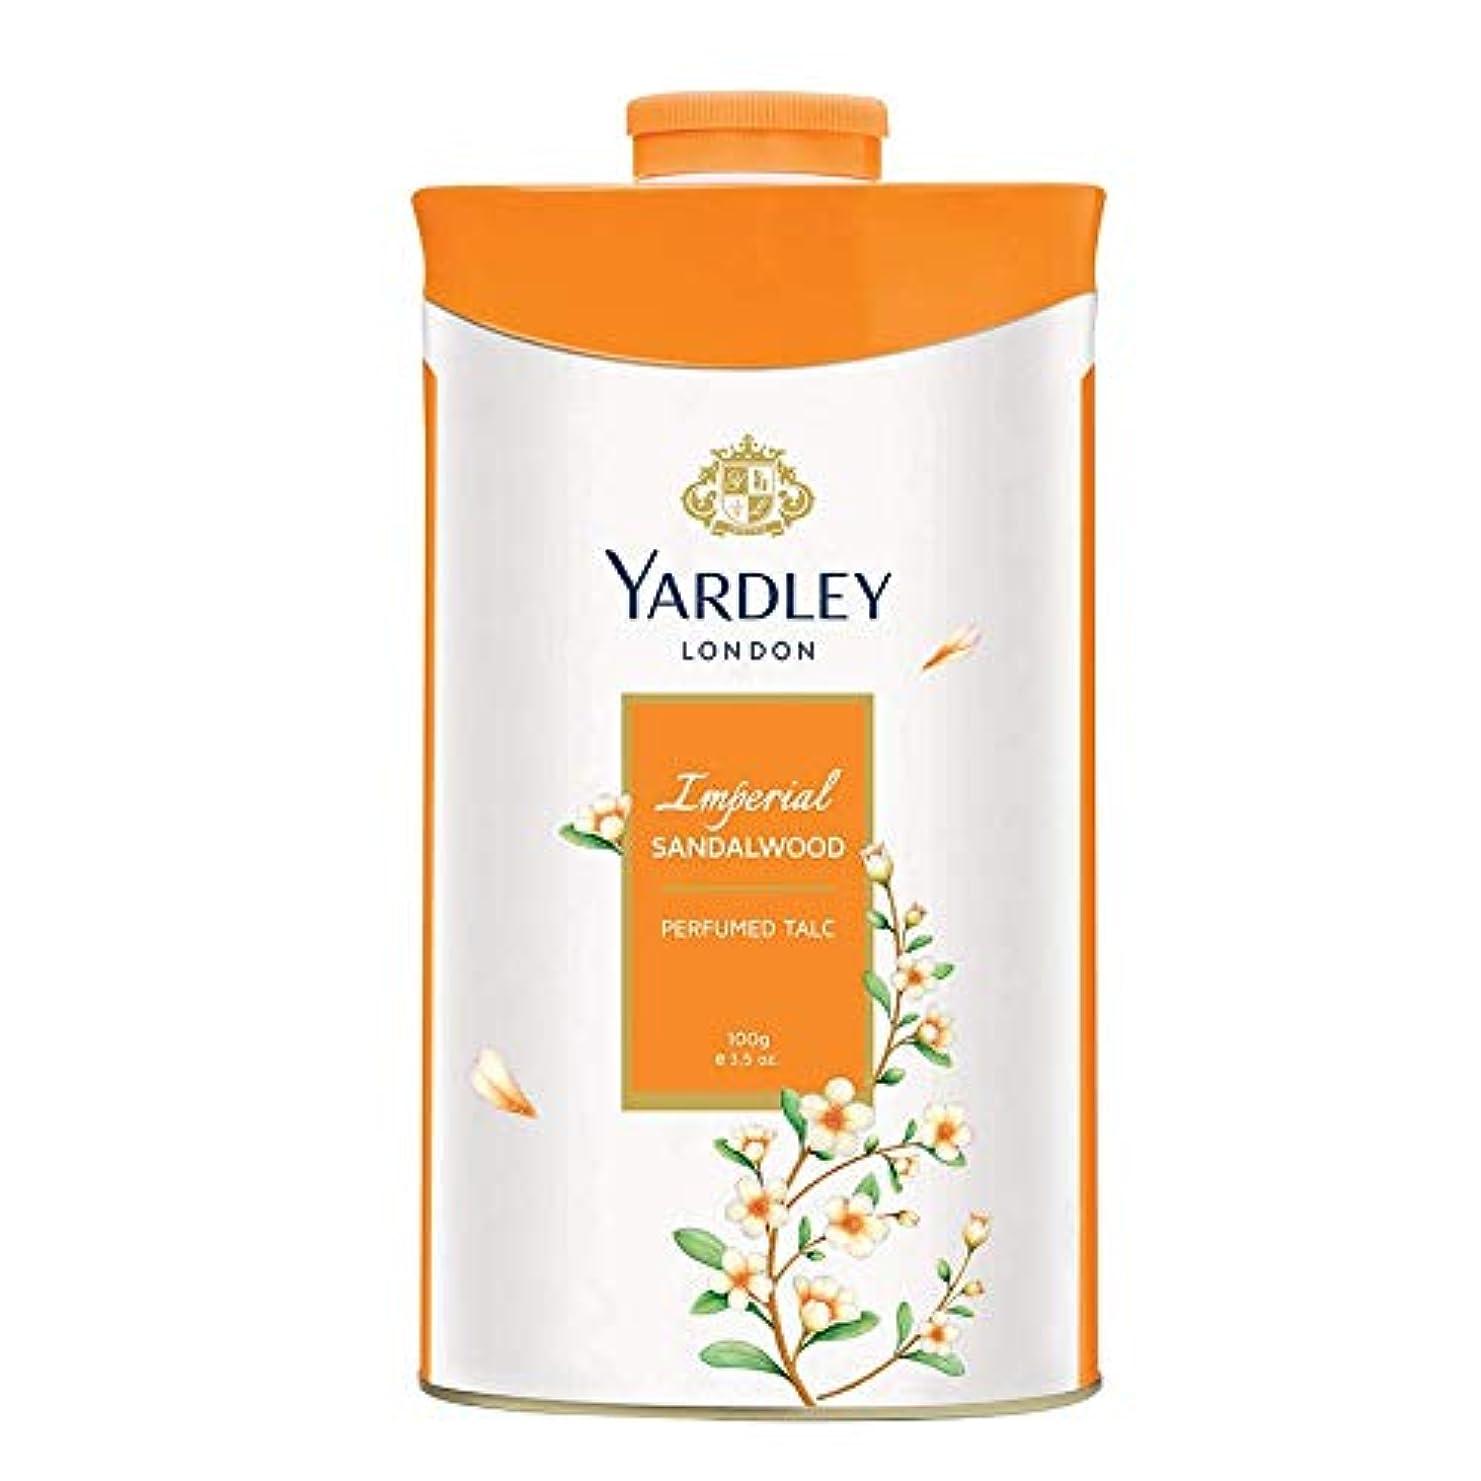 ベースショートカット屋内Yardley London Perfumed Talc Sandalwood 100gヤードレーロンドンパフュームタルクサンダルウッド100グラム